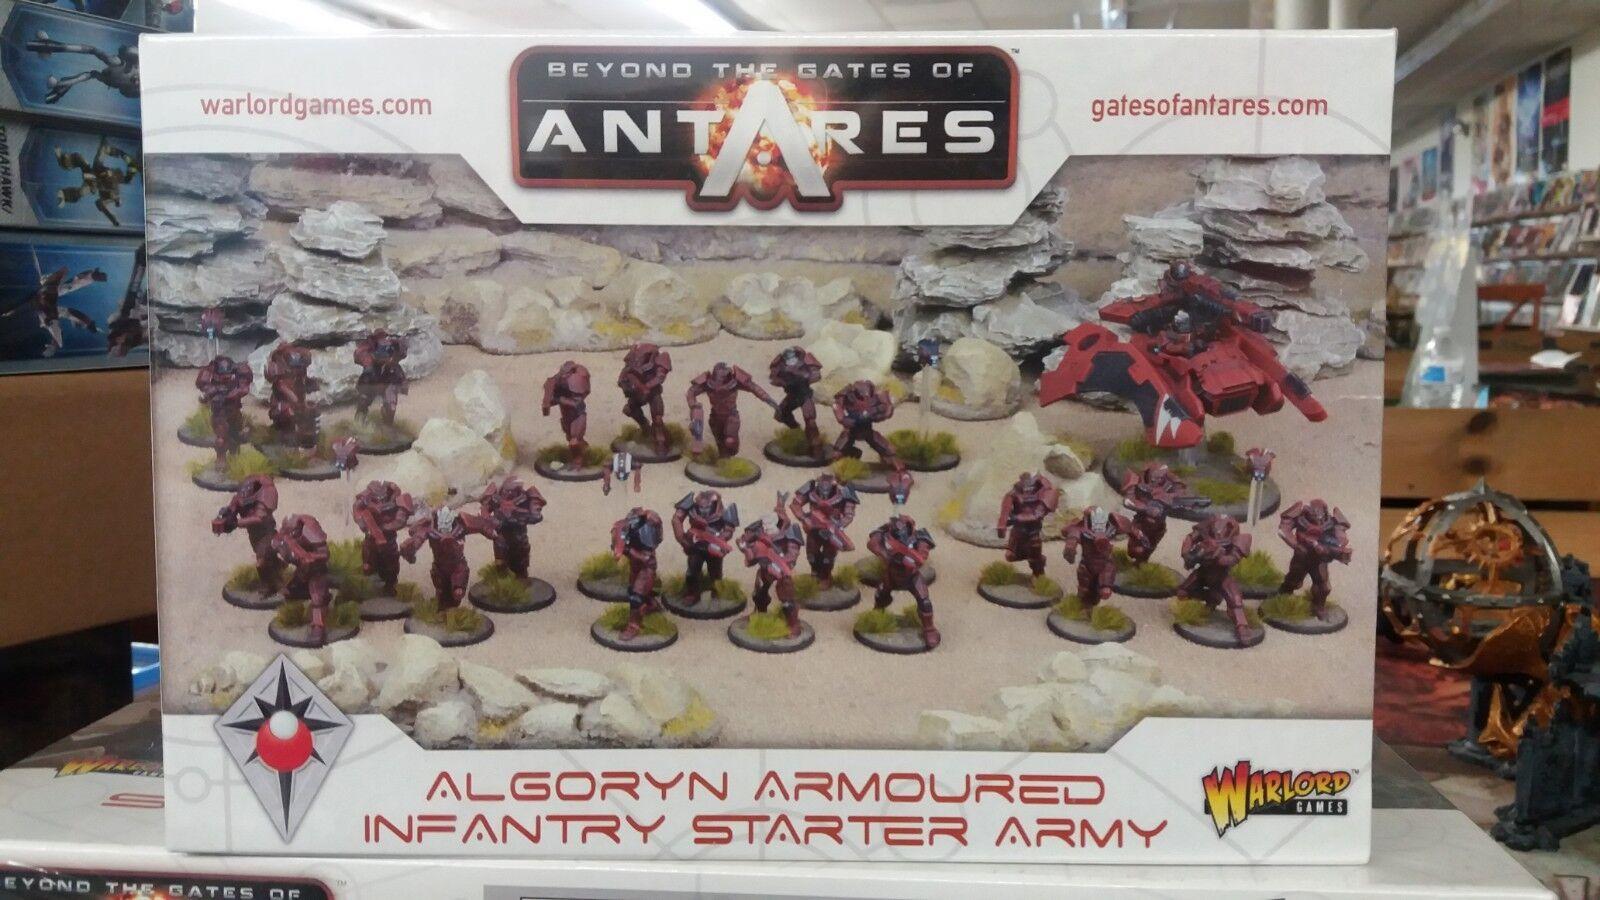 Más allá de las puertas de Antares  algoryn blindado infantería Estrellater Set SEALED